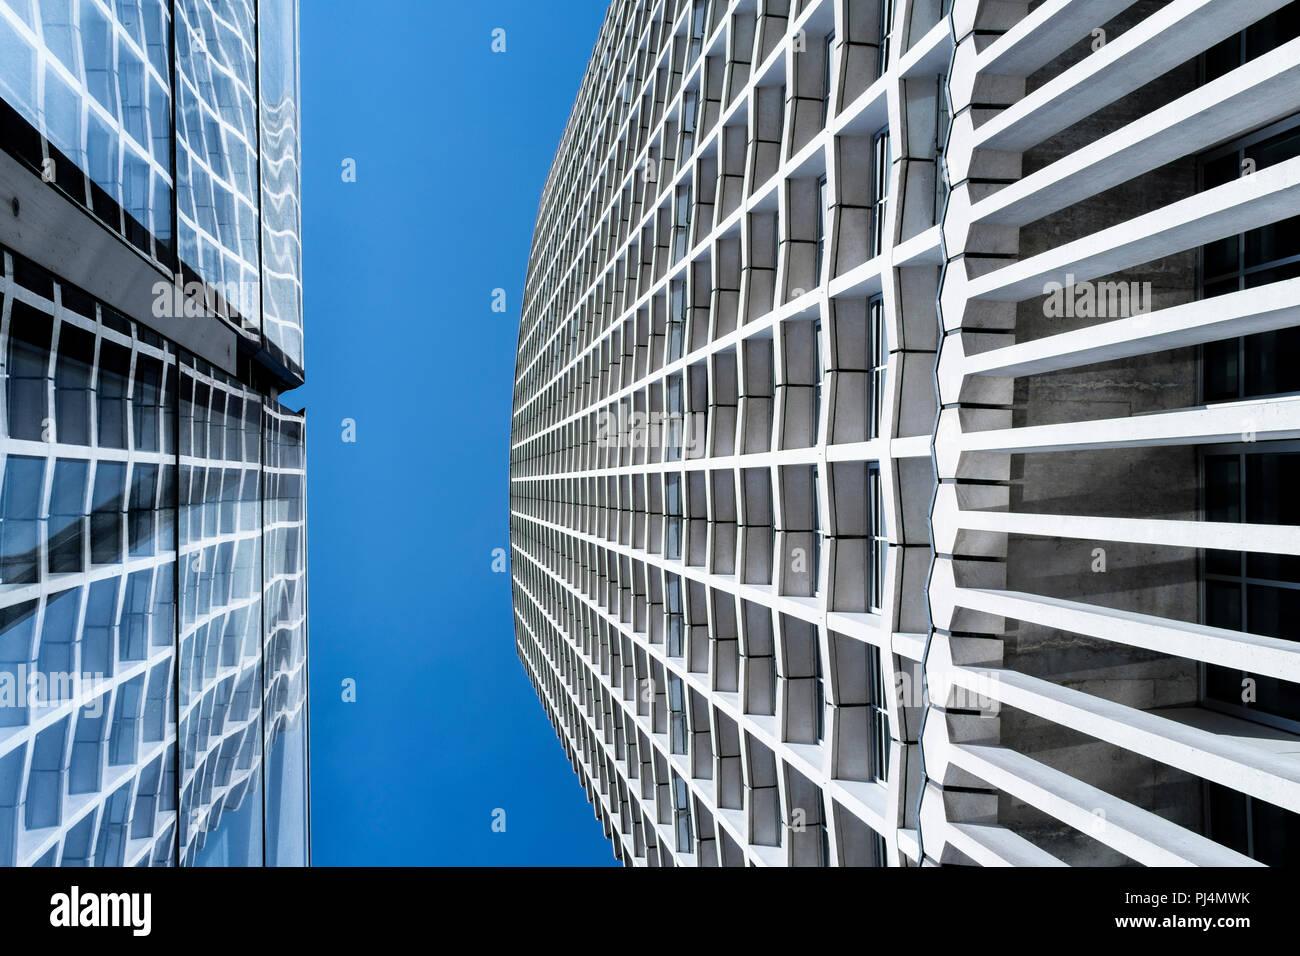 Abstrait Architecture, bâtiment Centre Point, London, UK Photo Stock